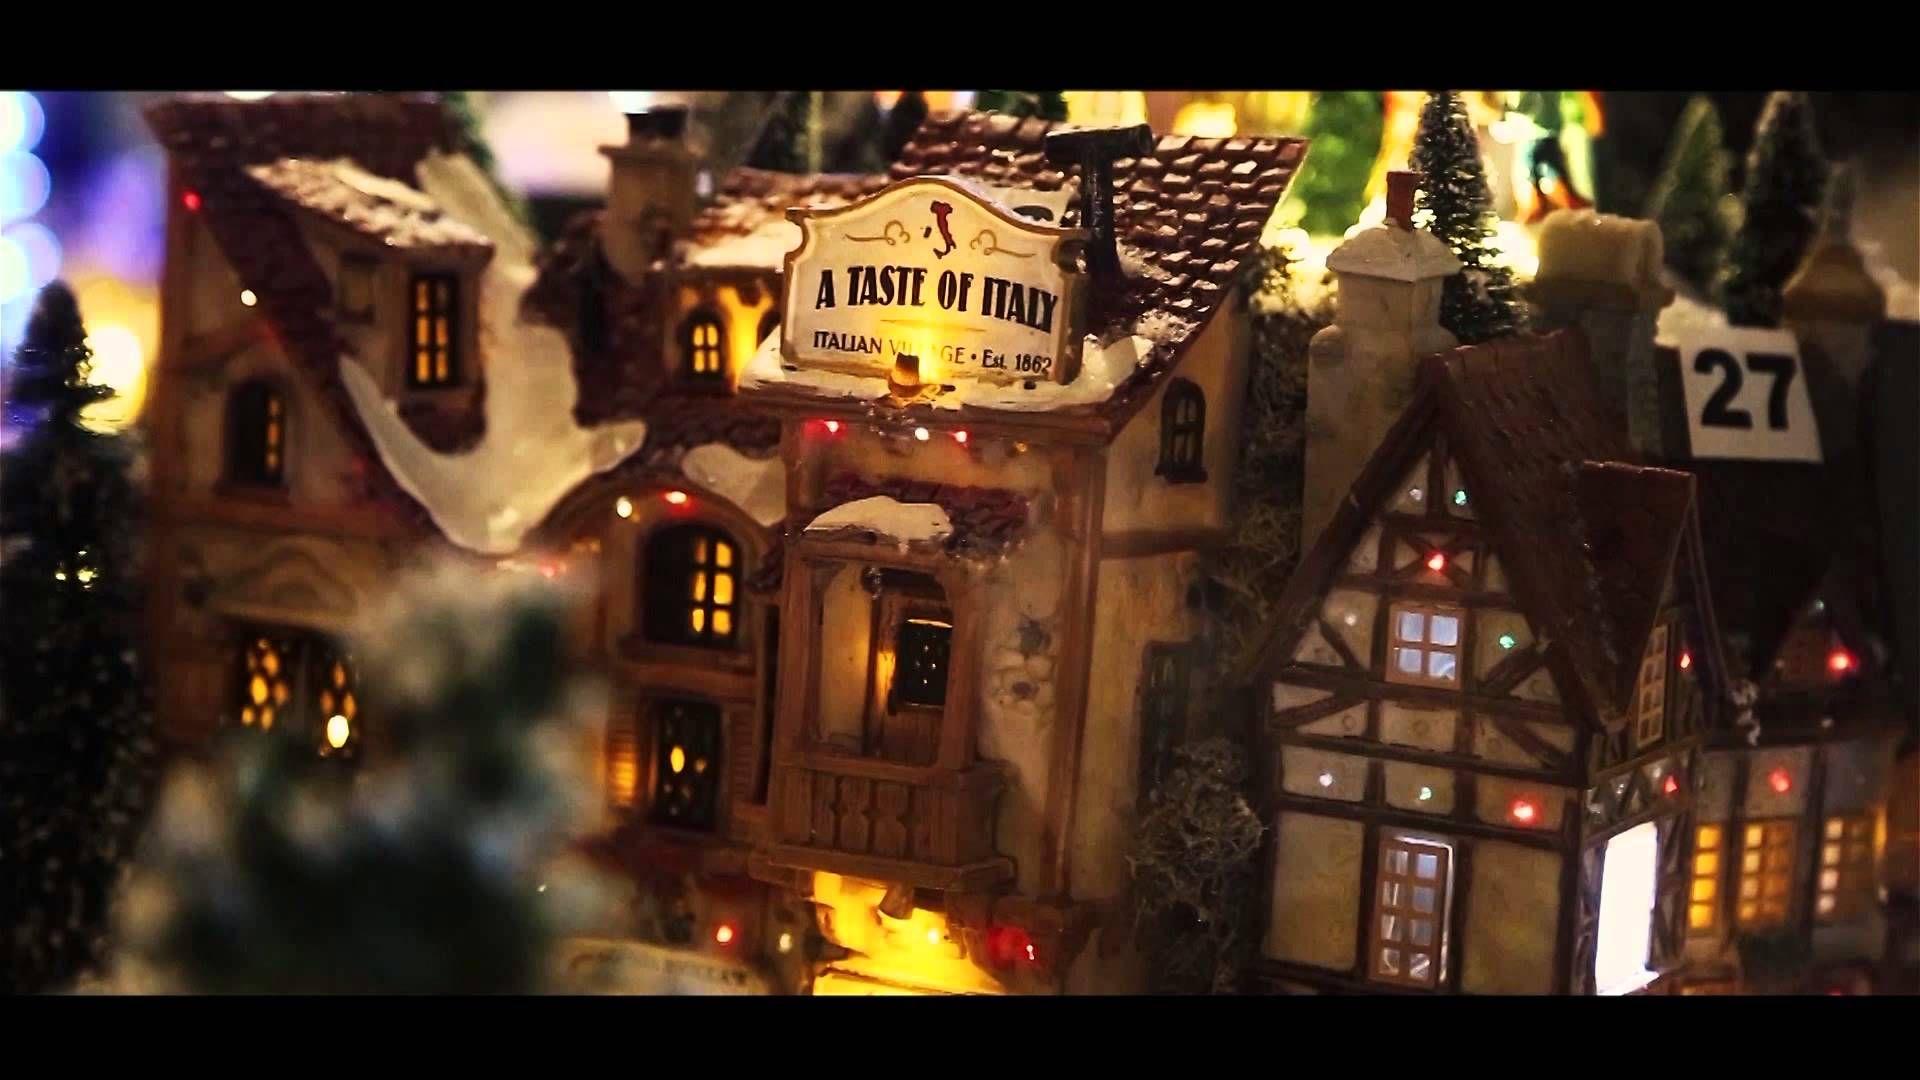 Il Villaggio di Babbo Natale hd 1080p Babbo natale